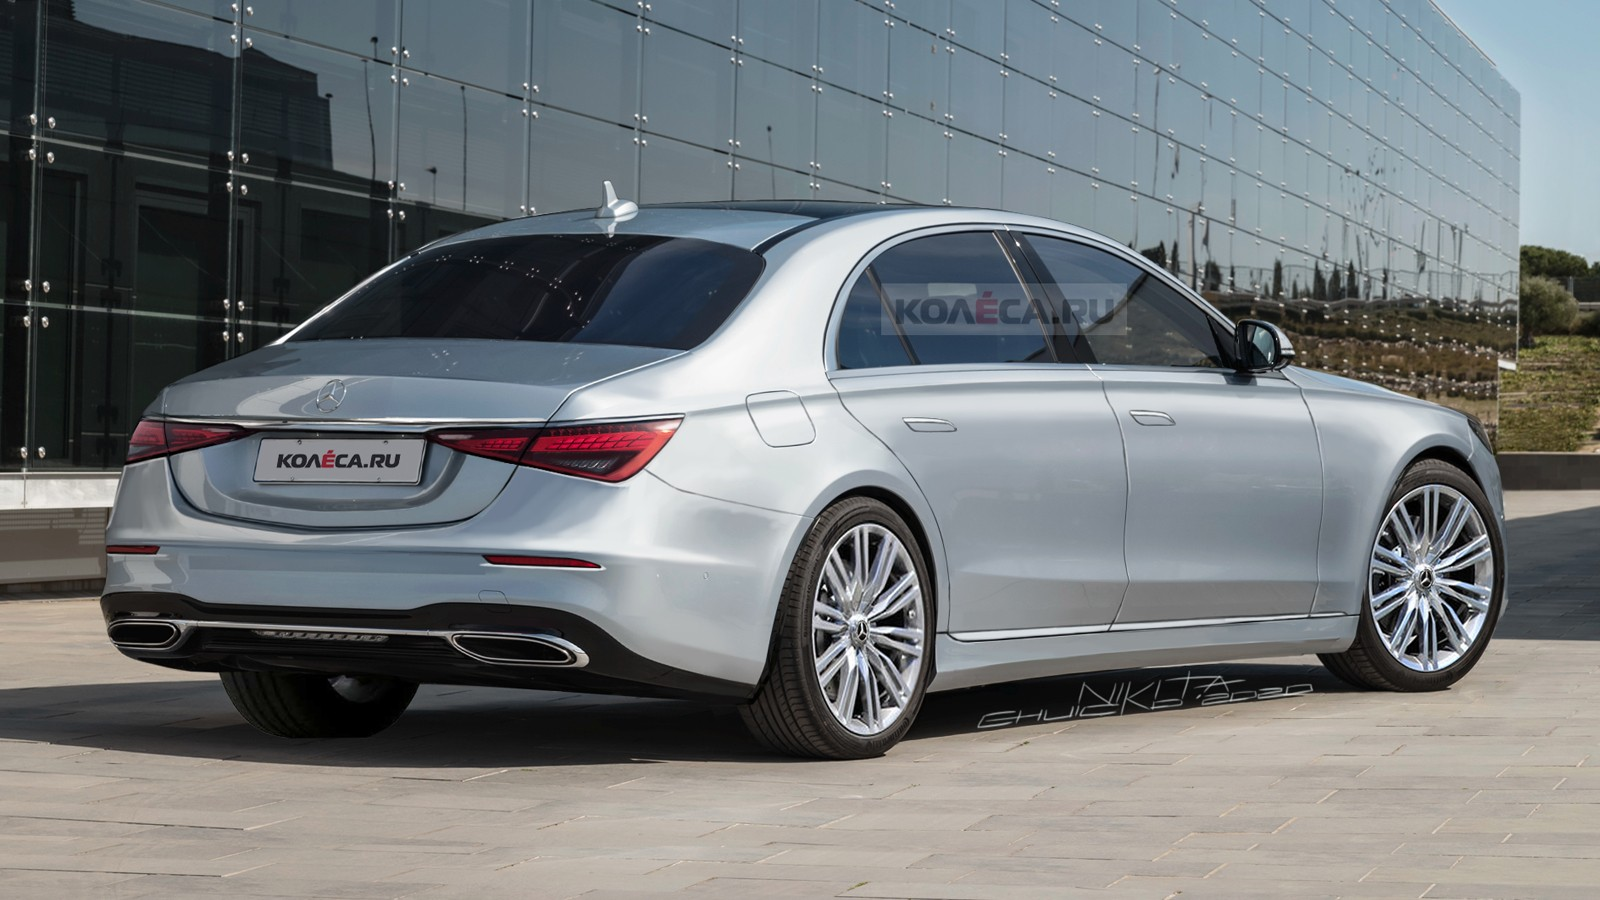 Mercedes-Benz S-класса следующего поколения (W223): новые изображения